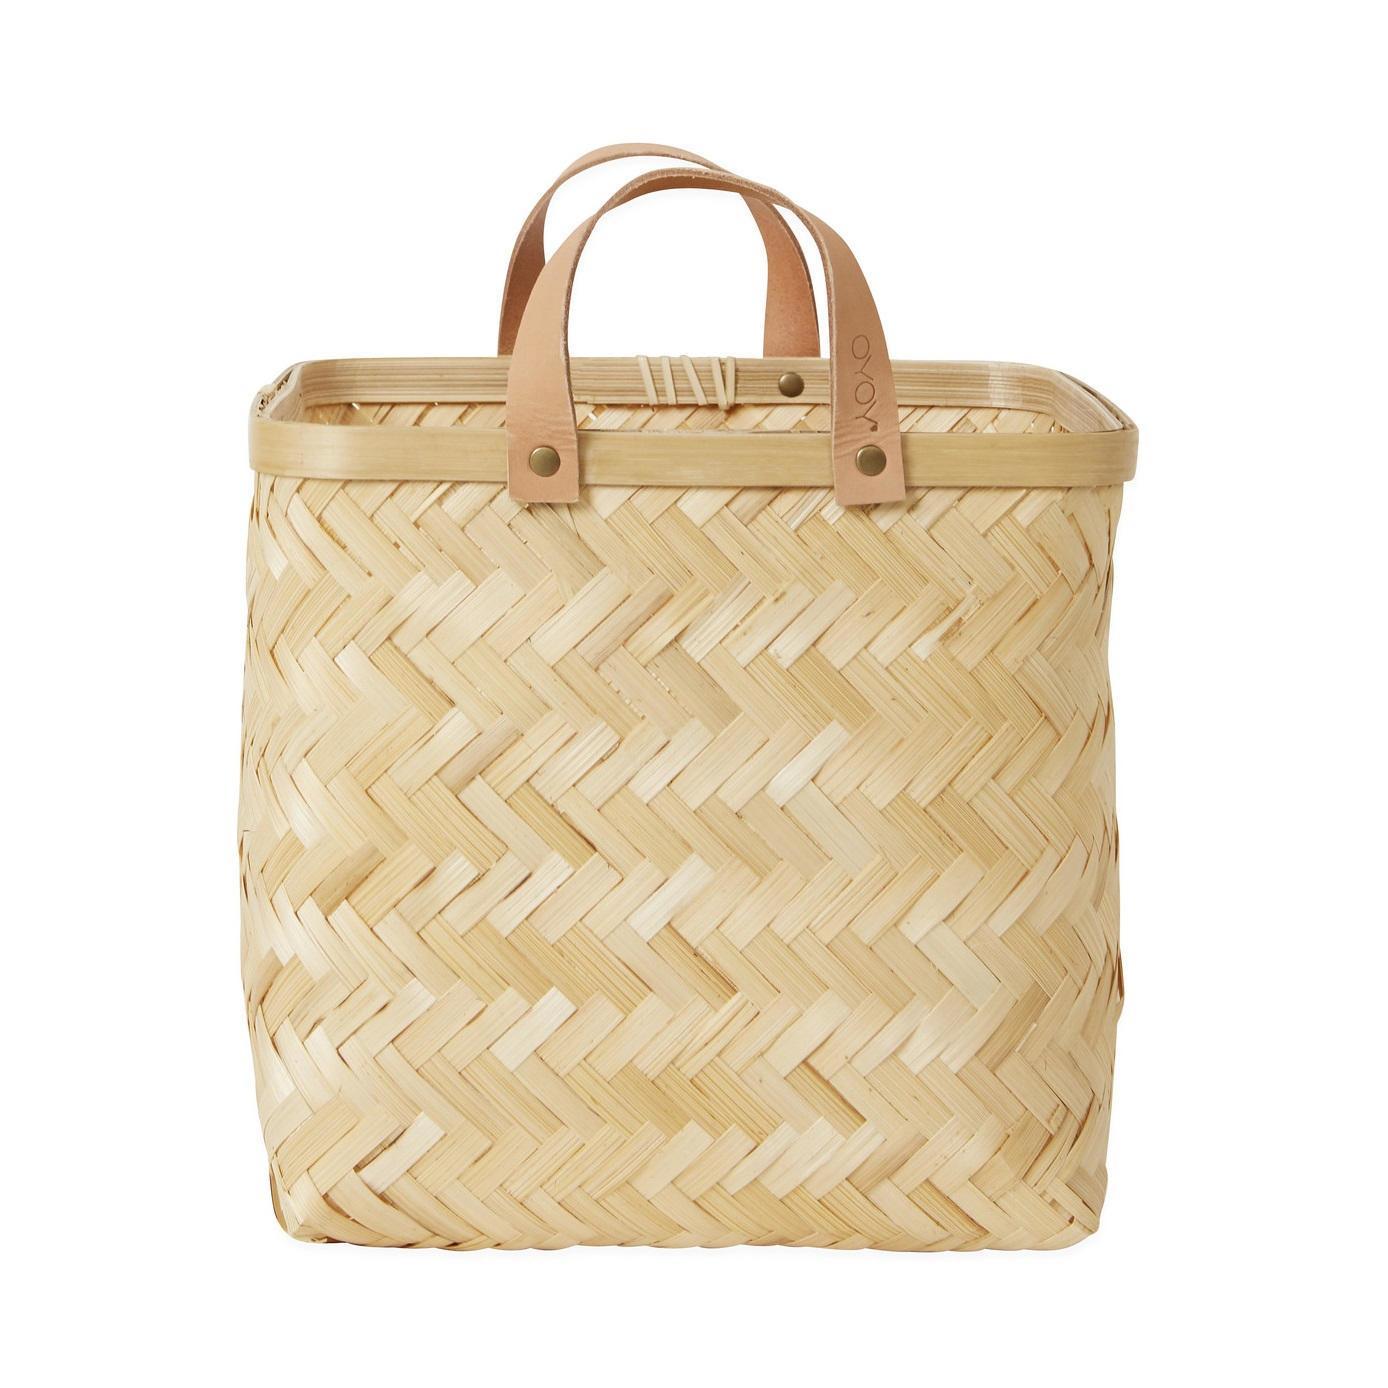 OYOY Bambusový košík Natural 28x26cm, hnědá barva, dřevo, kůže